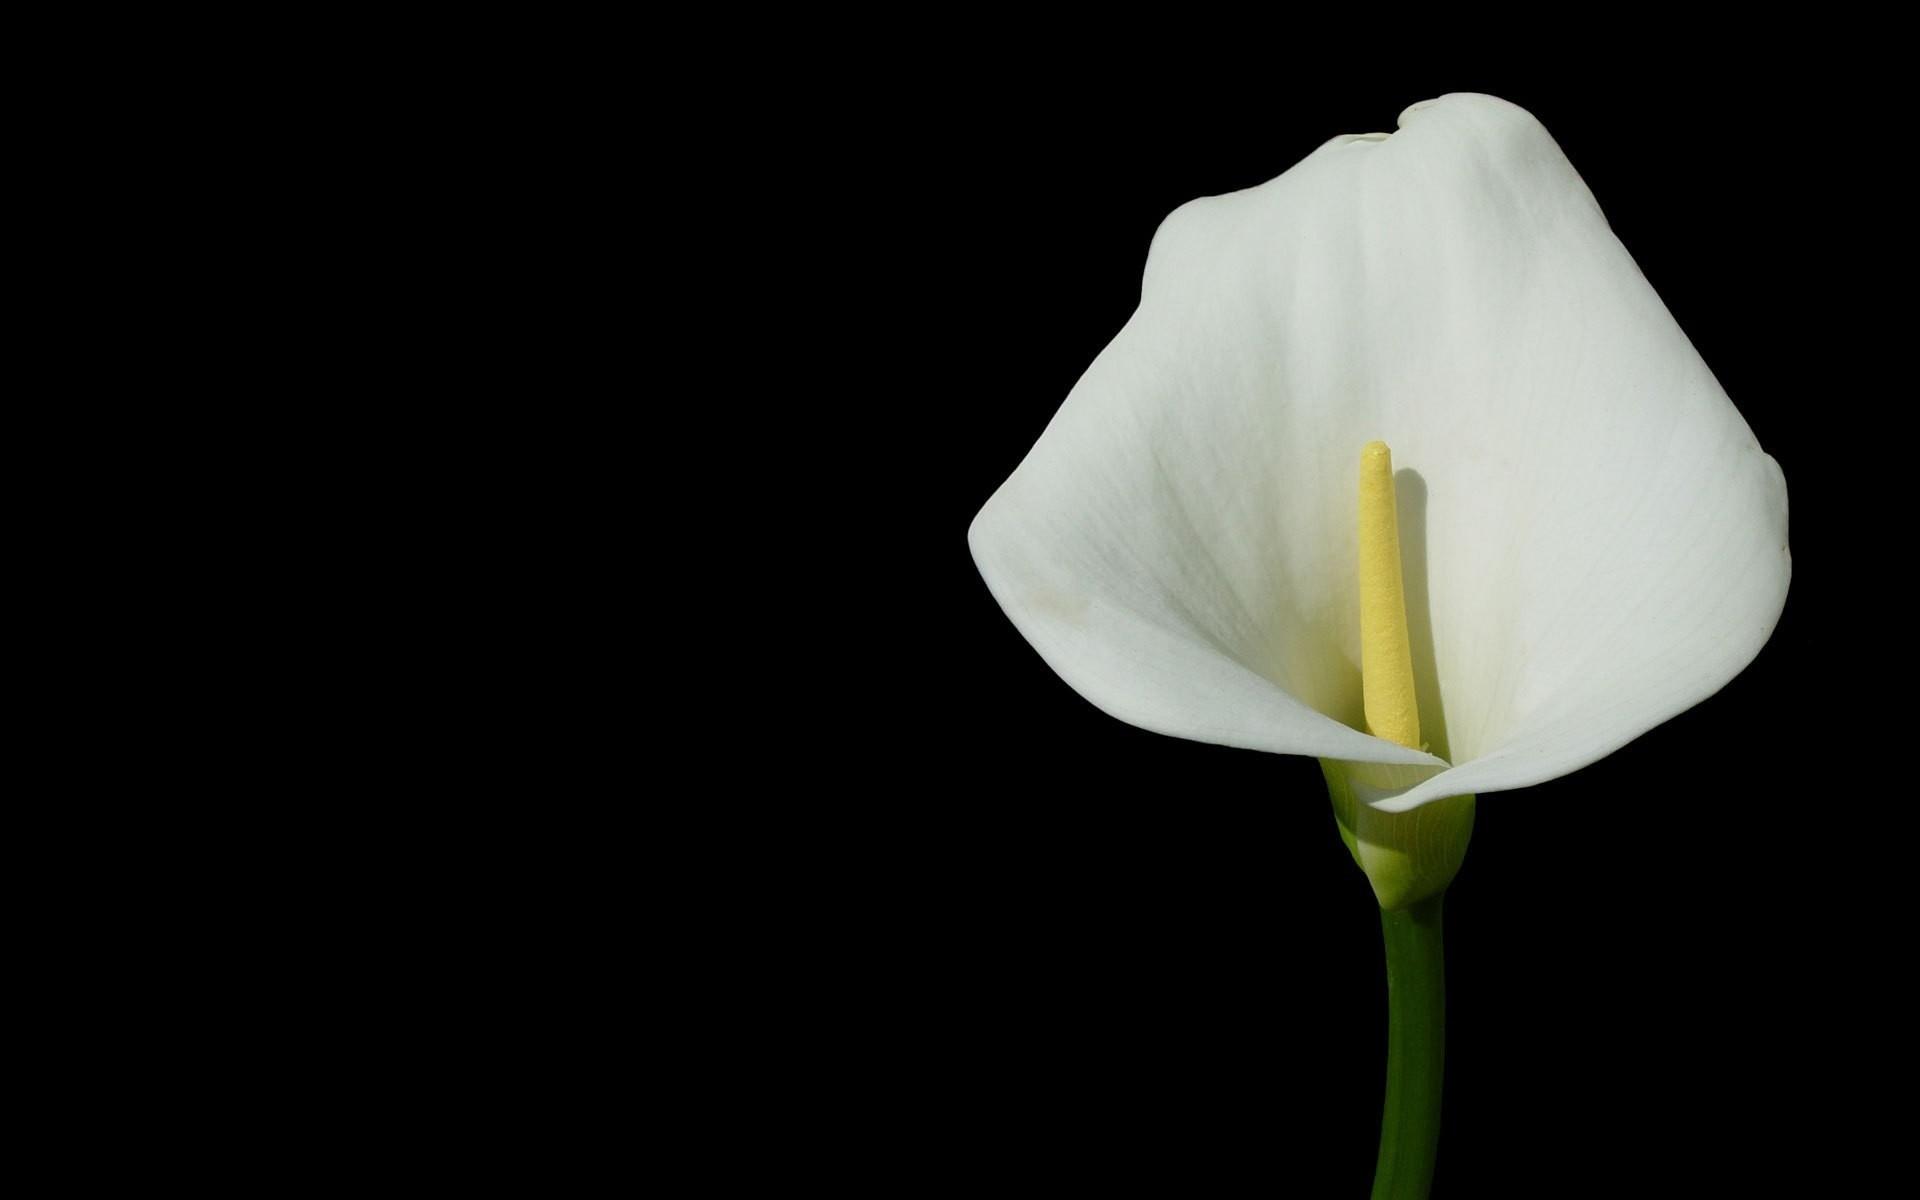 Wallpaper Flower, White, Yellow, Green, Black